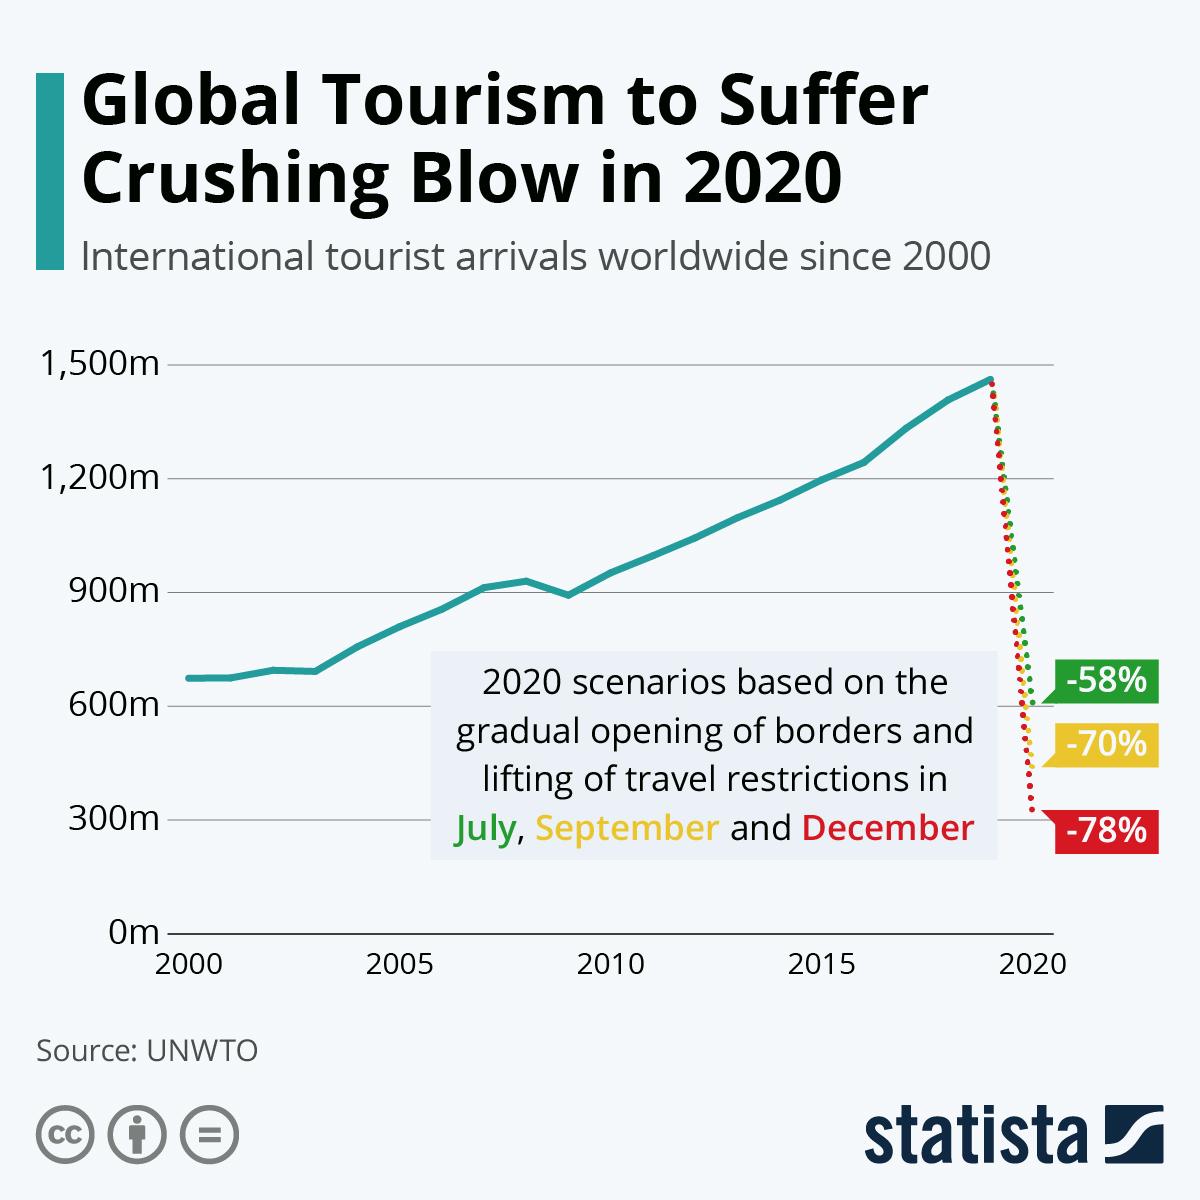 Пандемия Covid-19 нанесла сокрушительный удар по мировому туризму